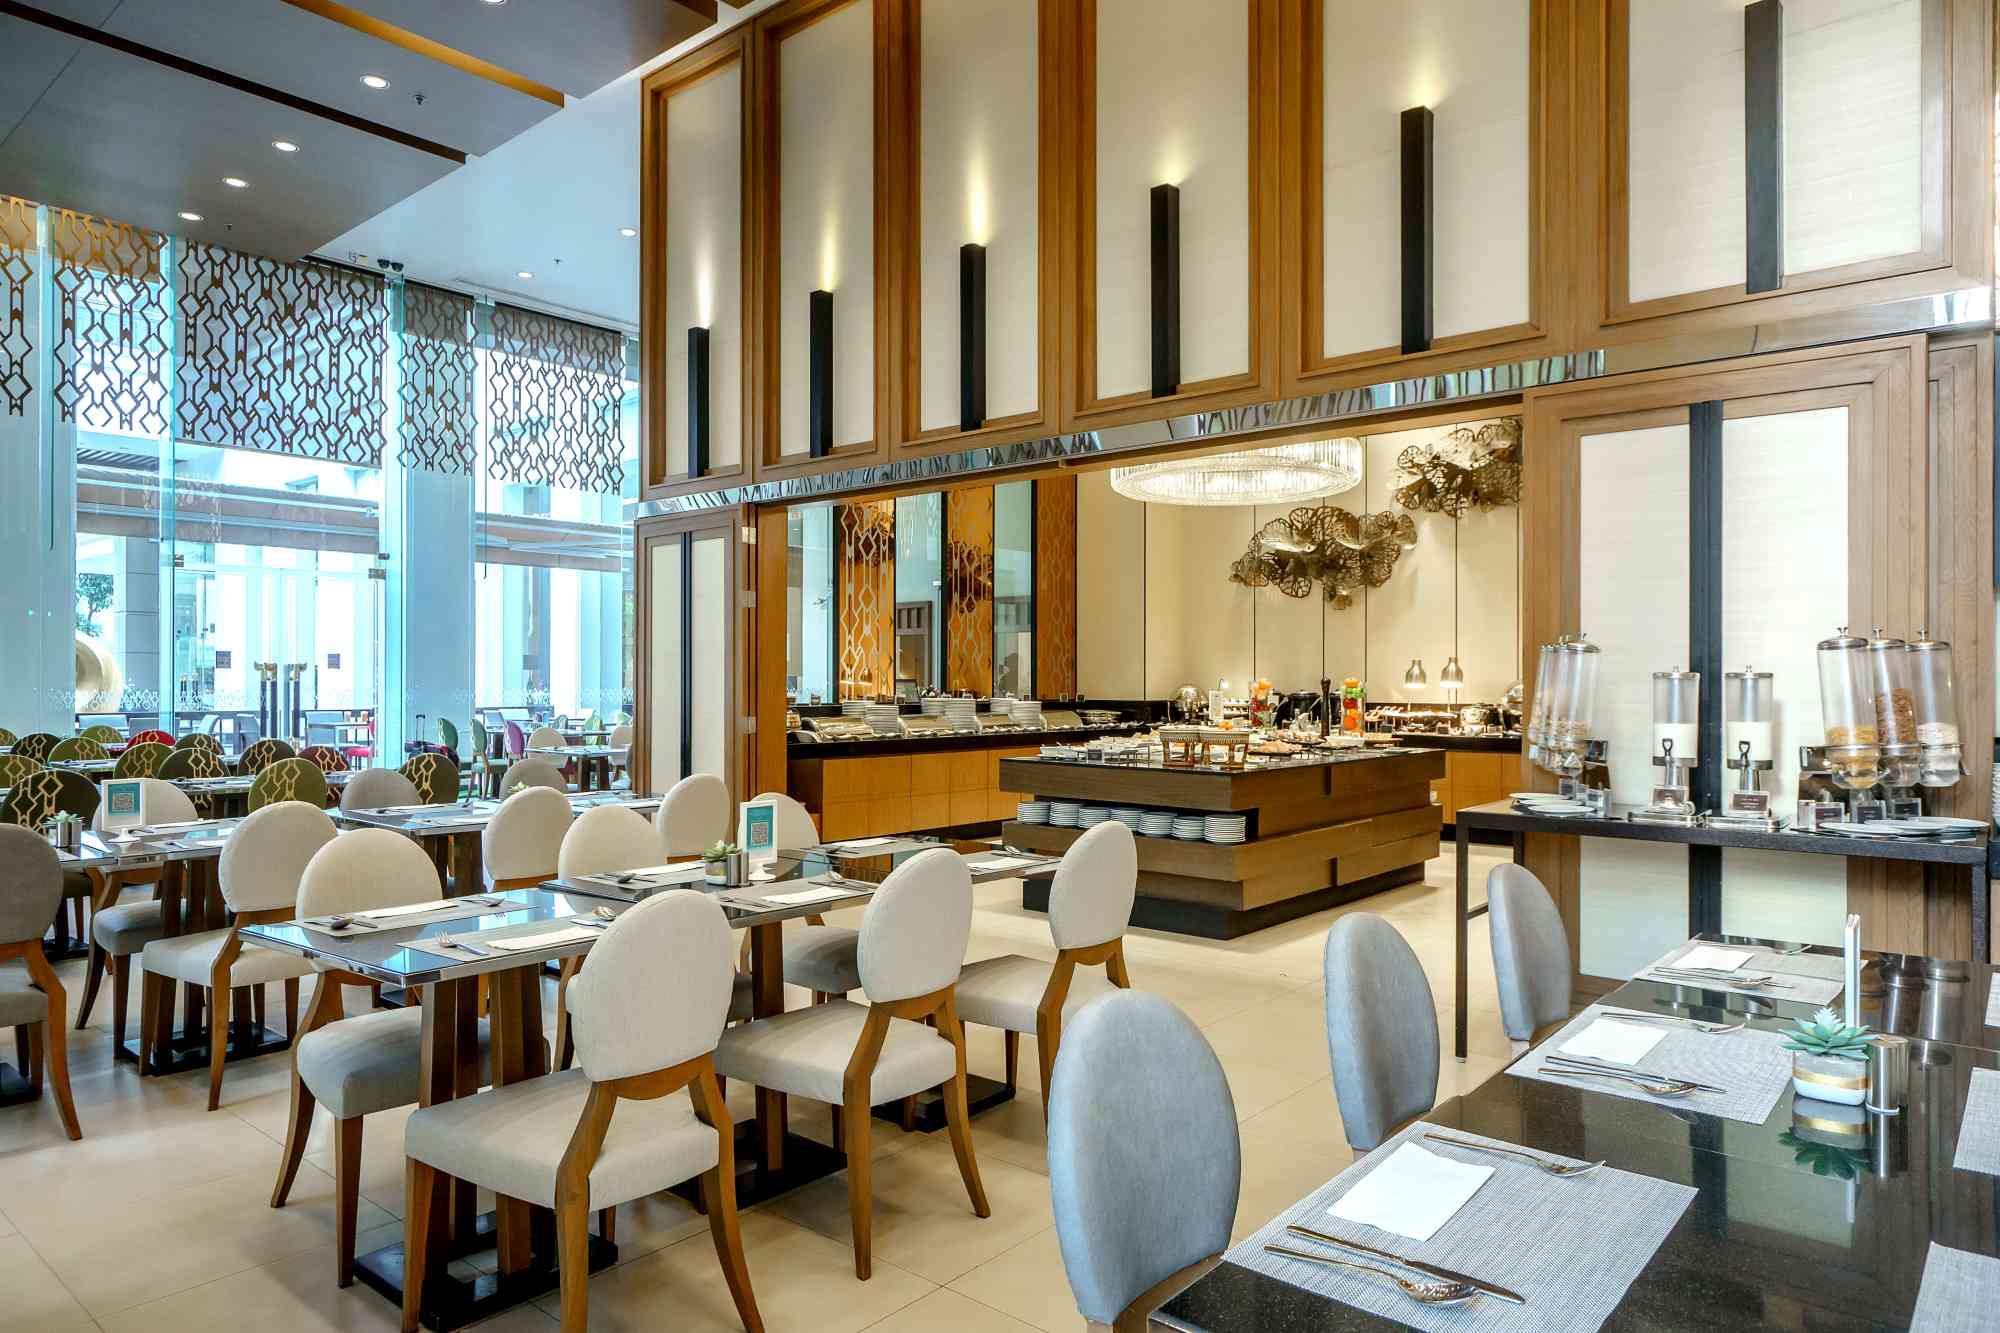 Nhà hàng sang trọng tại Lào Cai